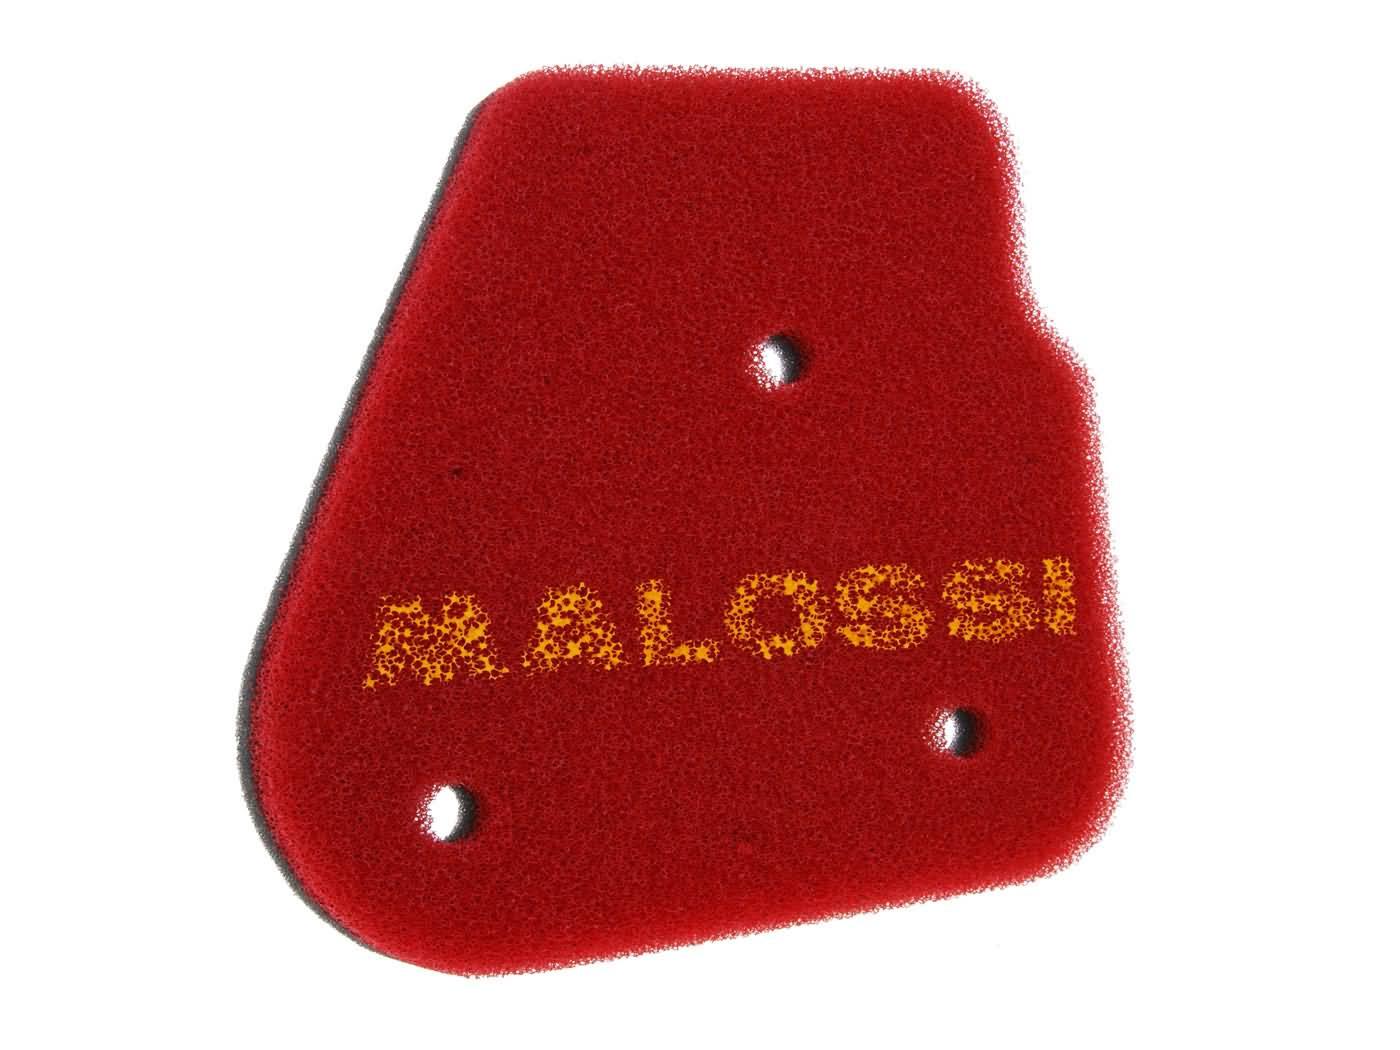 Luftfilter Einsatz Malossi Double Red Sponge für Minarelli liegend